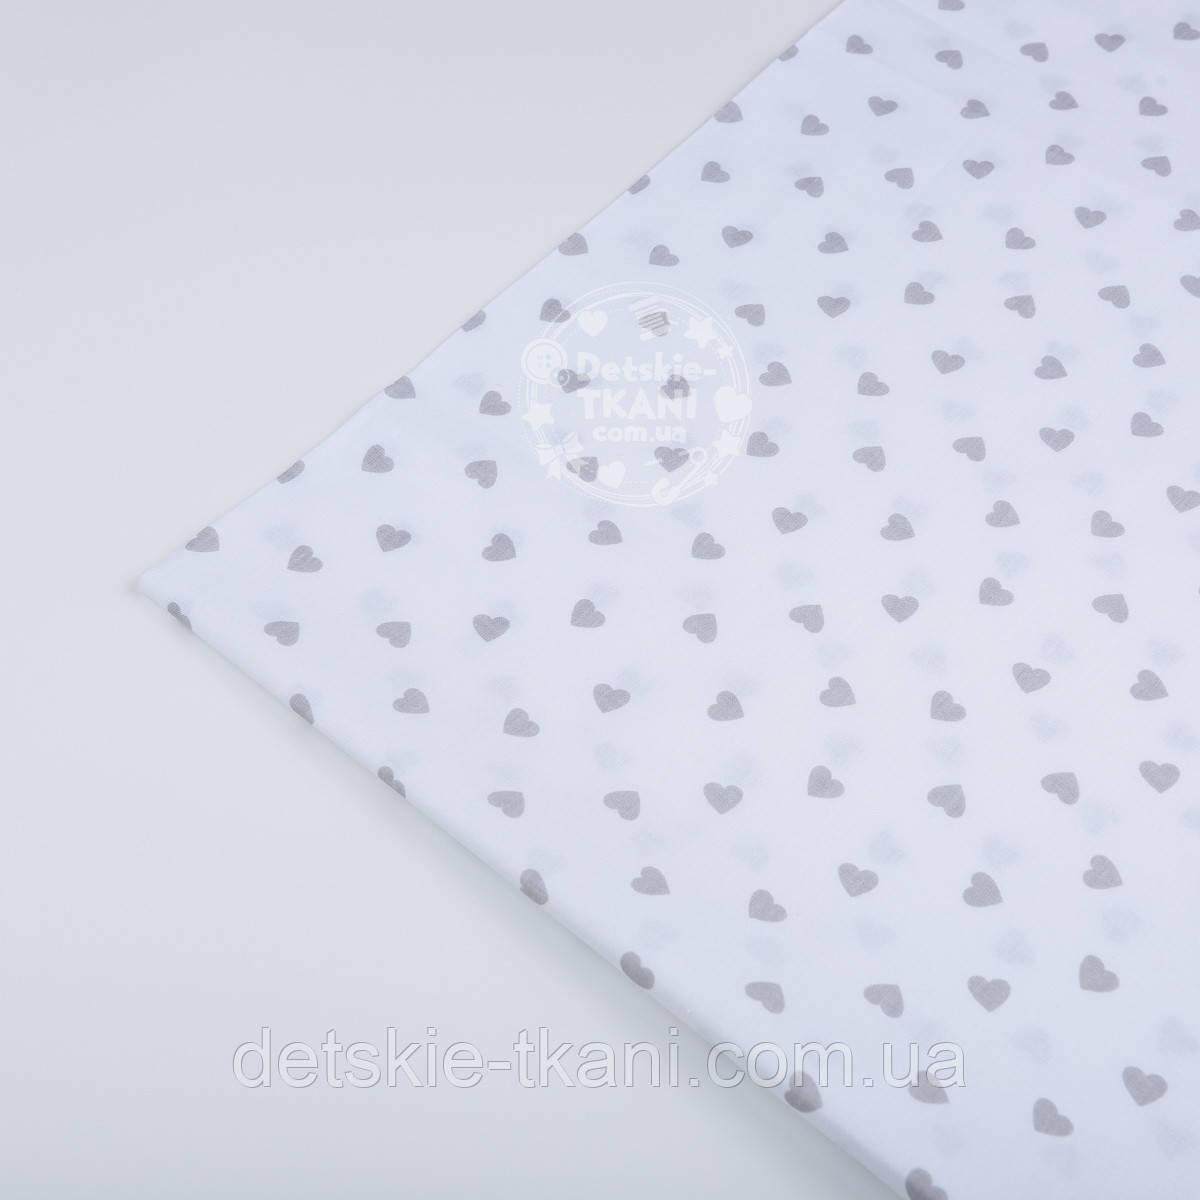 Лоскут ткани №822а с серыми редкими сердечками 10 мм на белом фоне